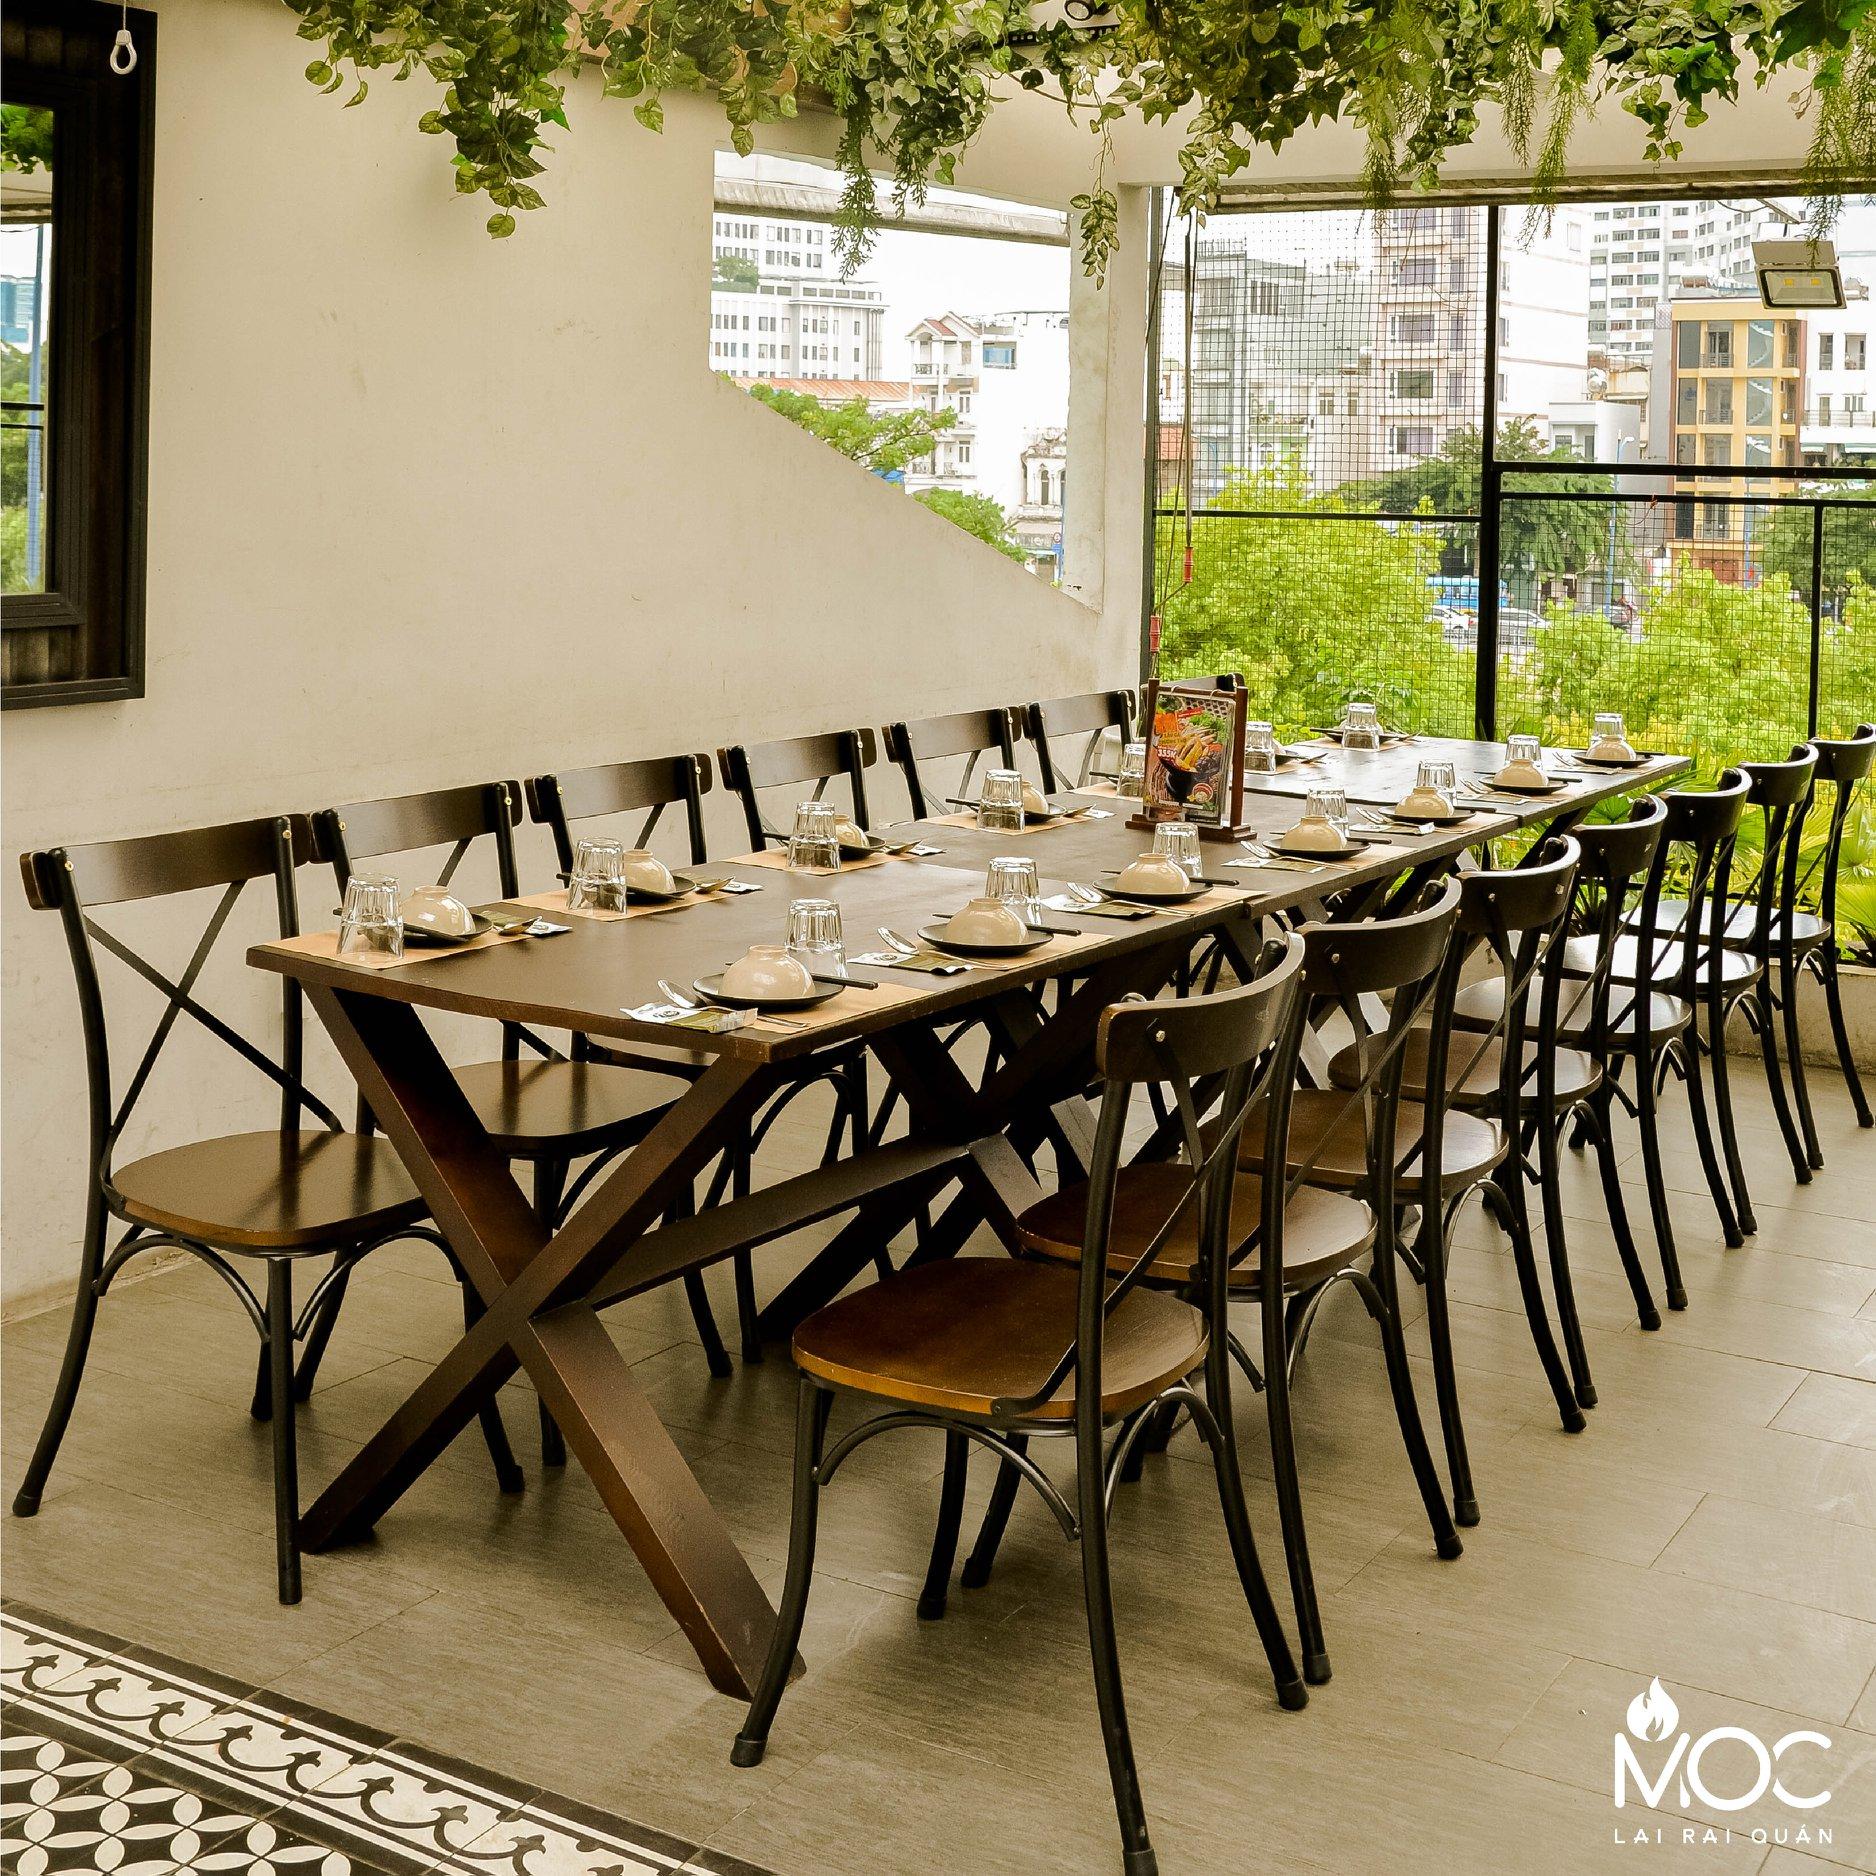 5 nhà hàng lí tưởng dành cho gia đình nhân dịp Trung thu ở TP HCM - Ảnh 8.